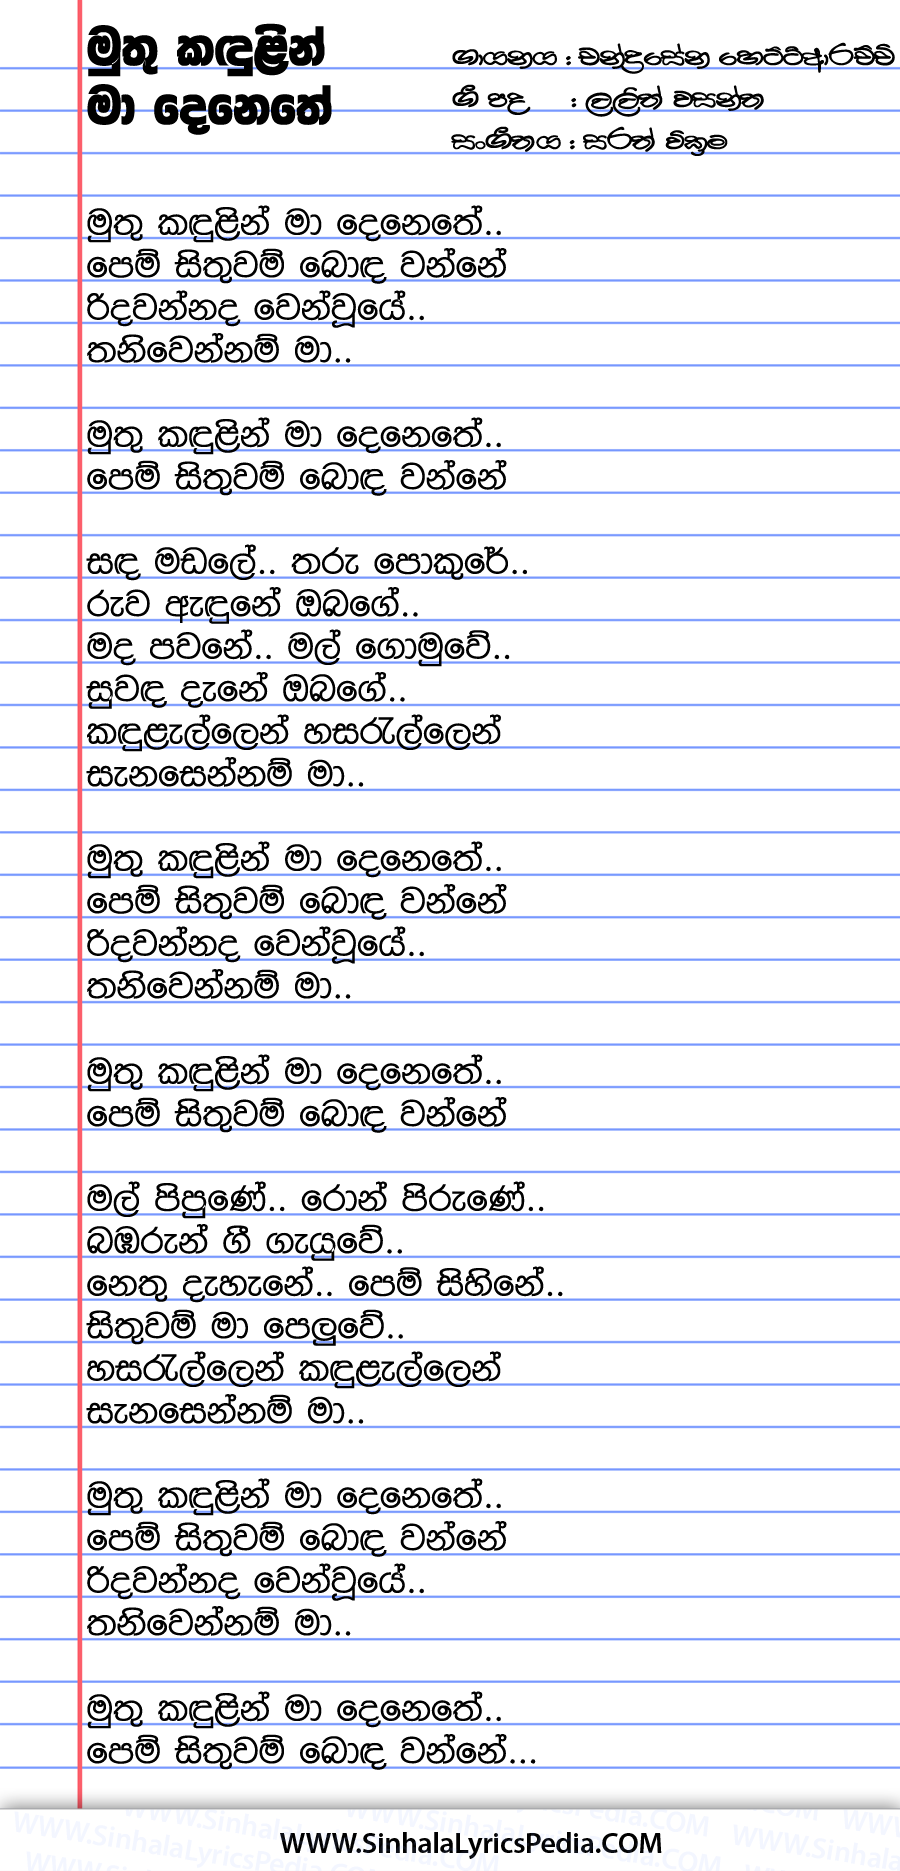 Muthu Kandulin Ma Denethe Song Lyrics